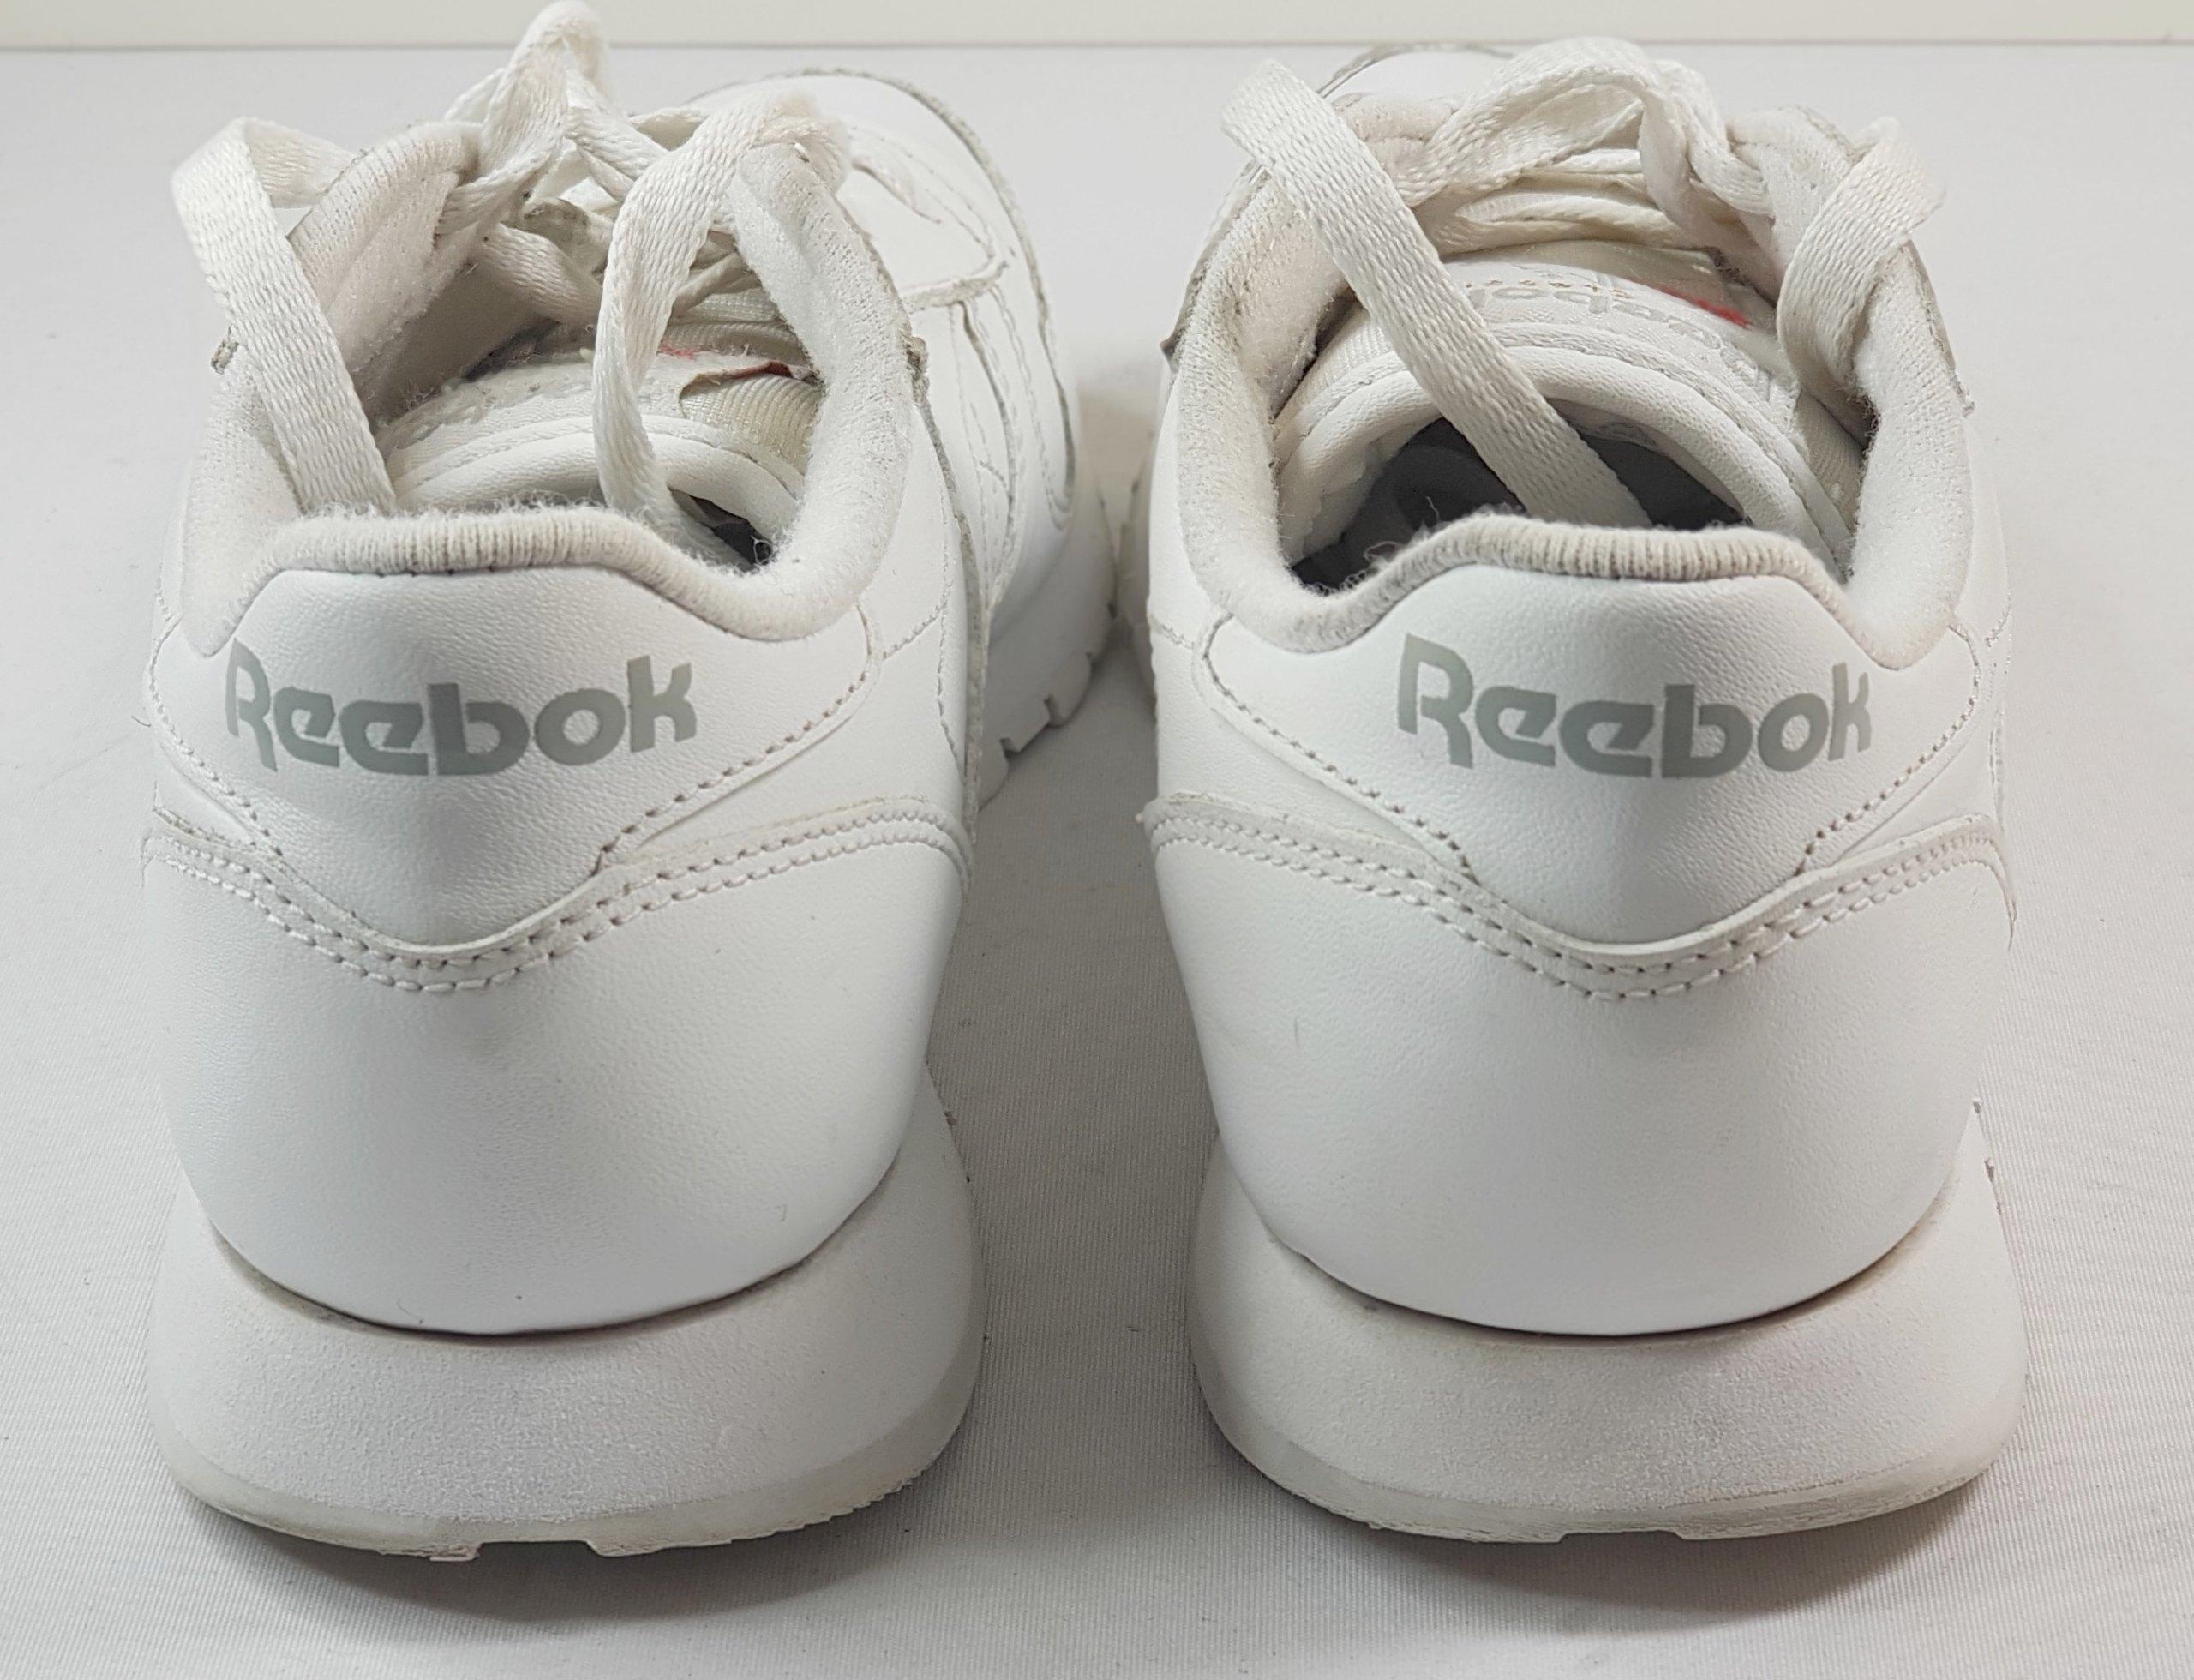 d0731115170 REEBOK CLASSIC LEATHER buty sportowe r. 37 - 7356257270 - oficjalne ...